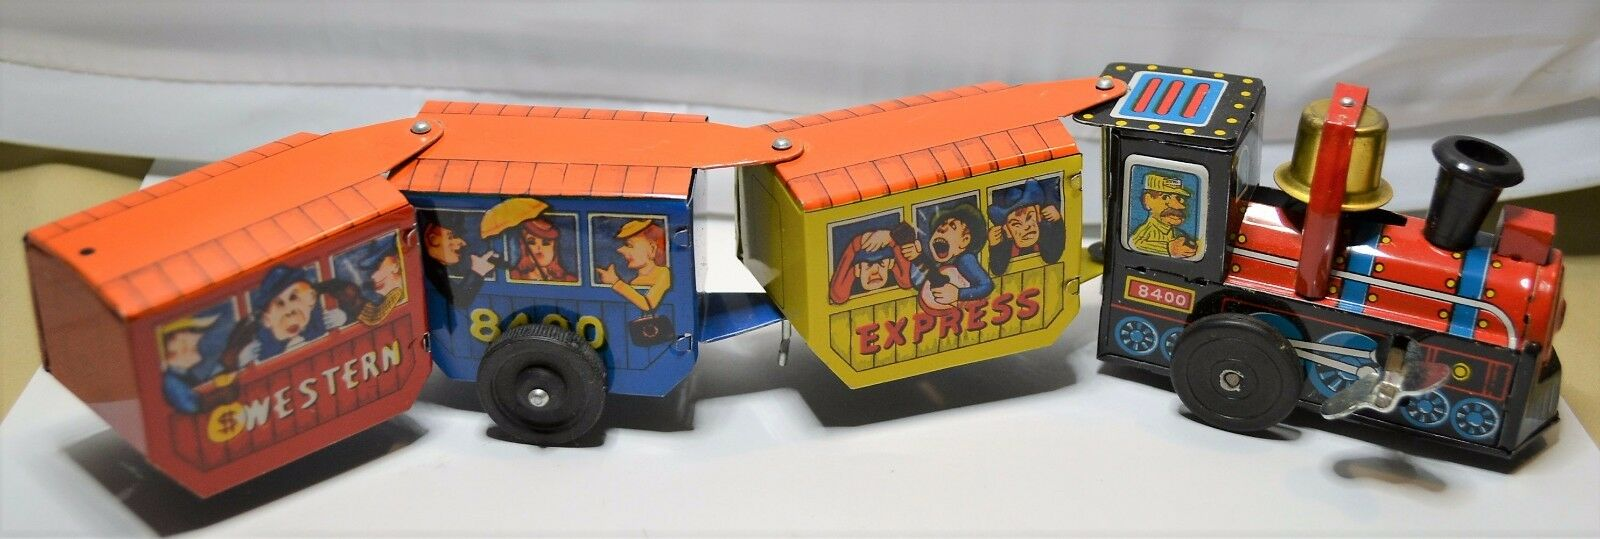 Tren De Juguete Vintage Década de 1950 Western Express Estaño Wind-up juguetes caja original del ferroCocheril